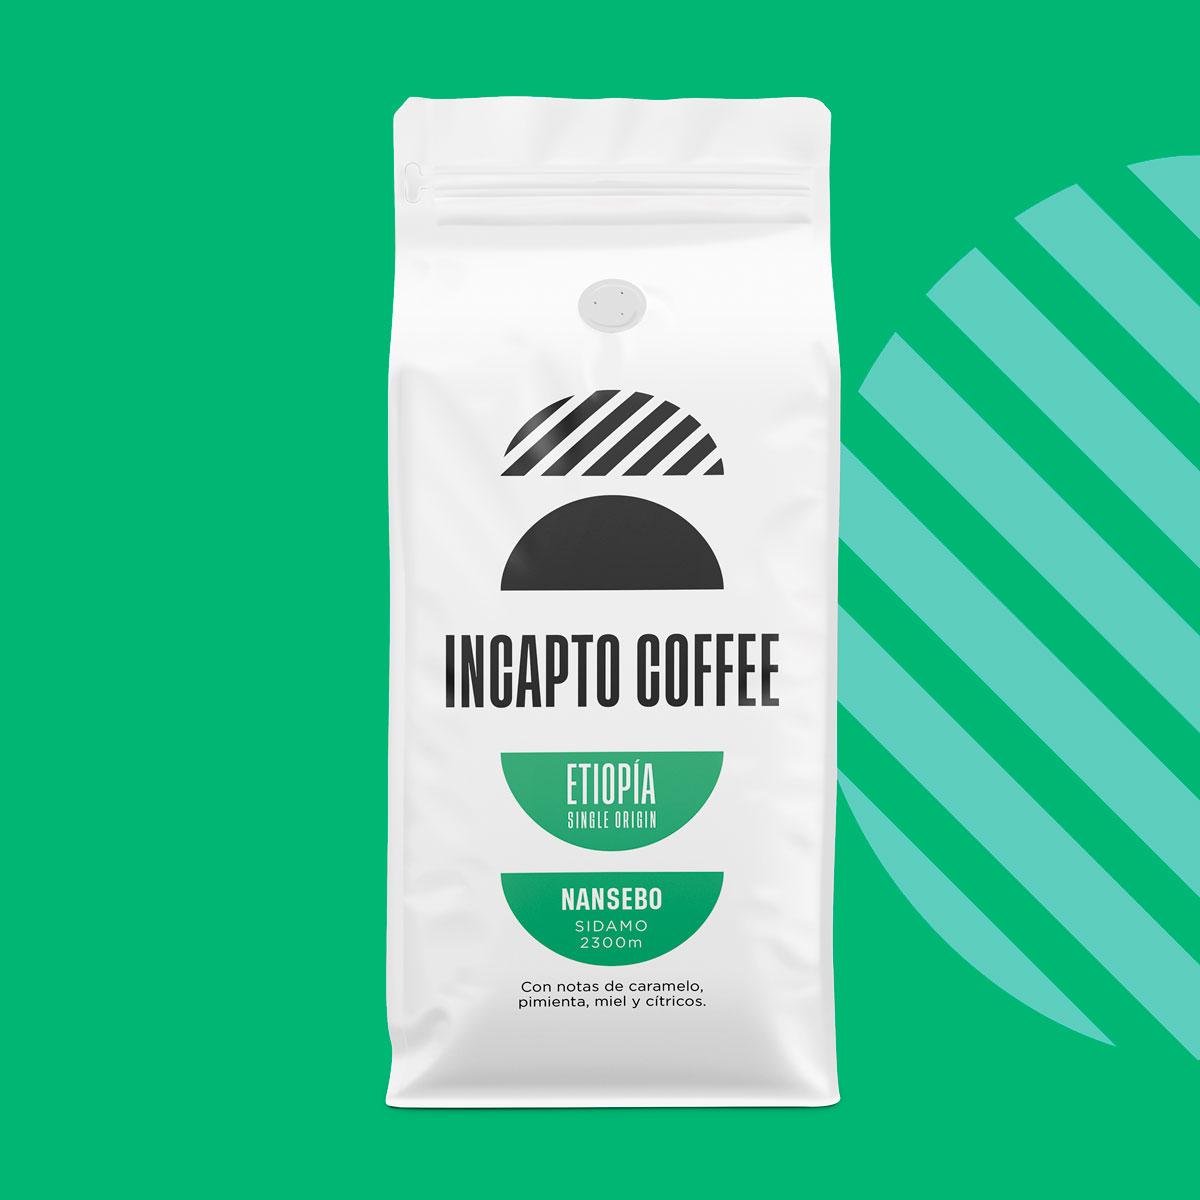 Incapto Coffee Etiopía Sidamo Nansebo